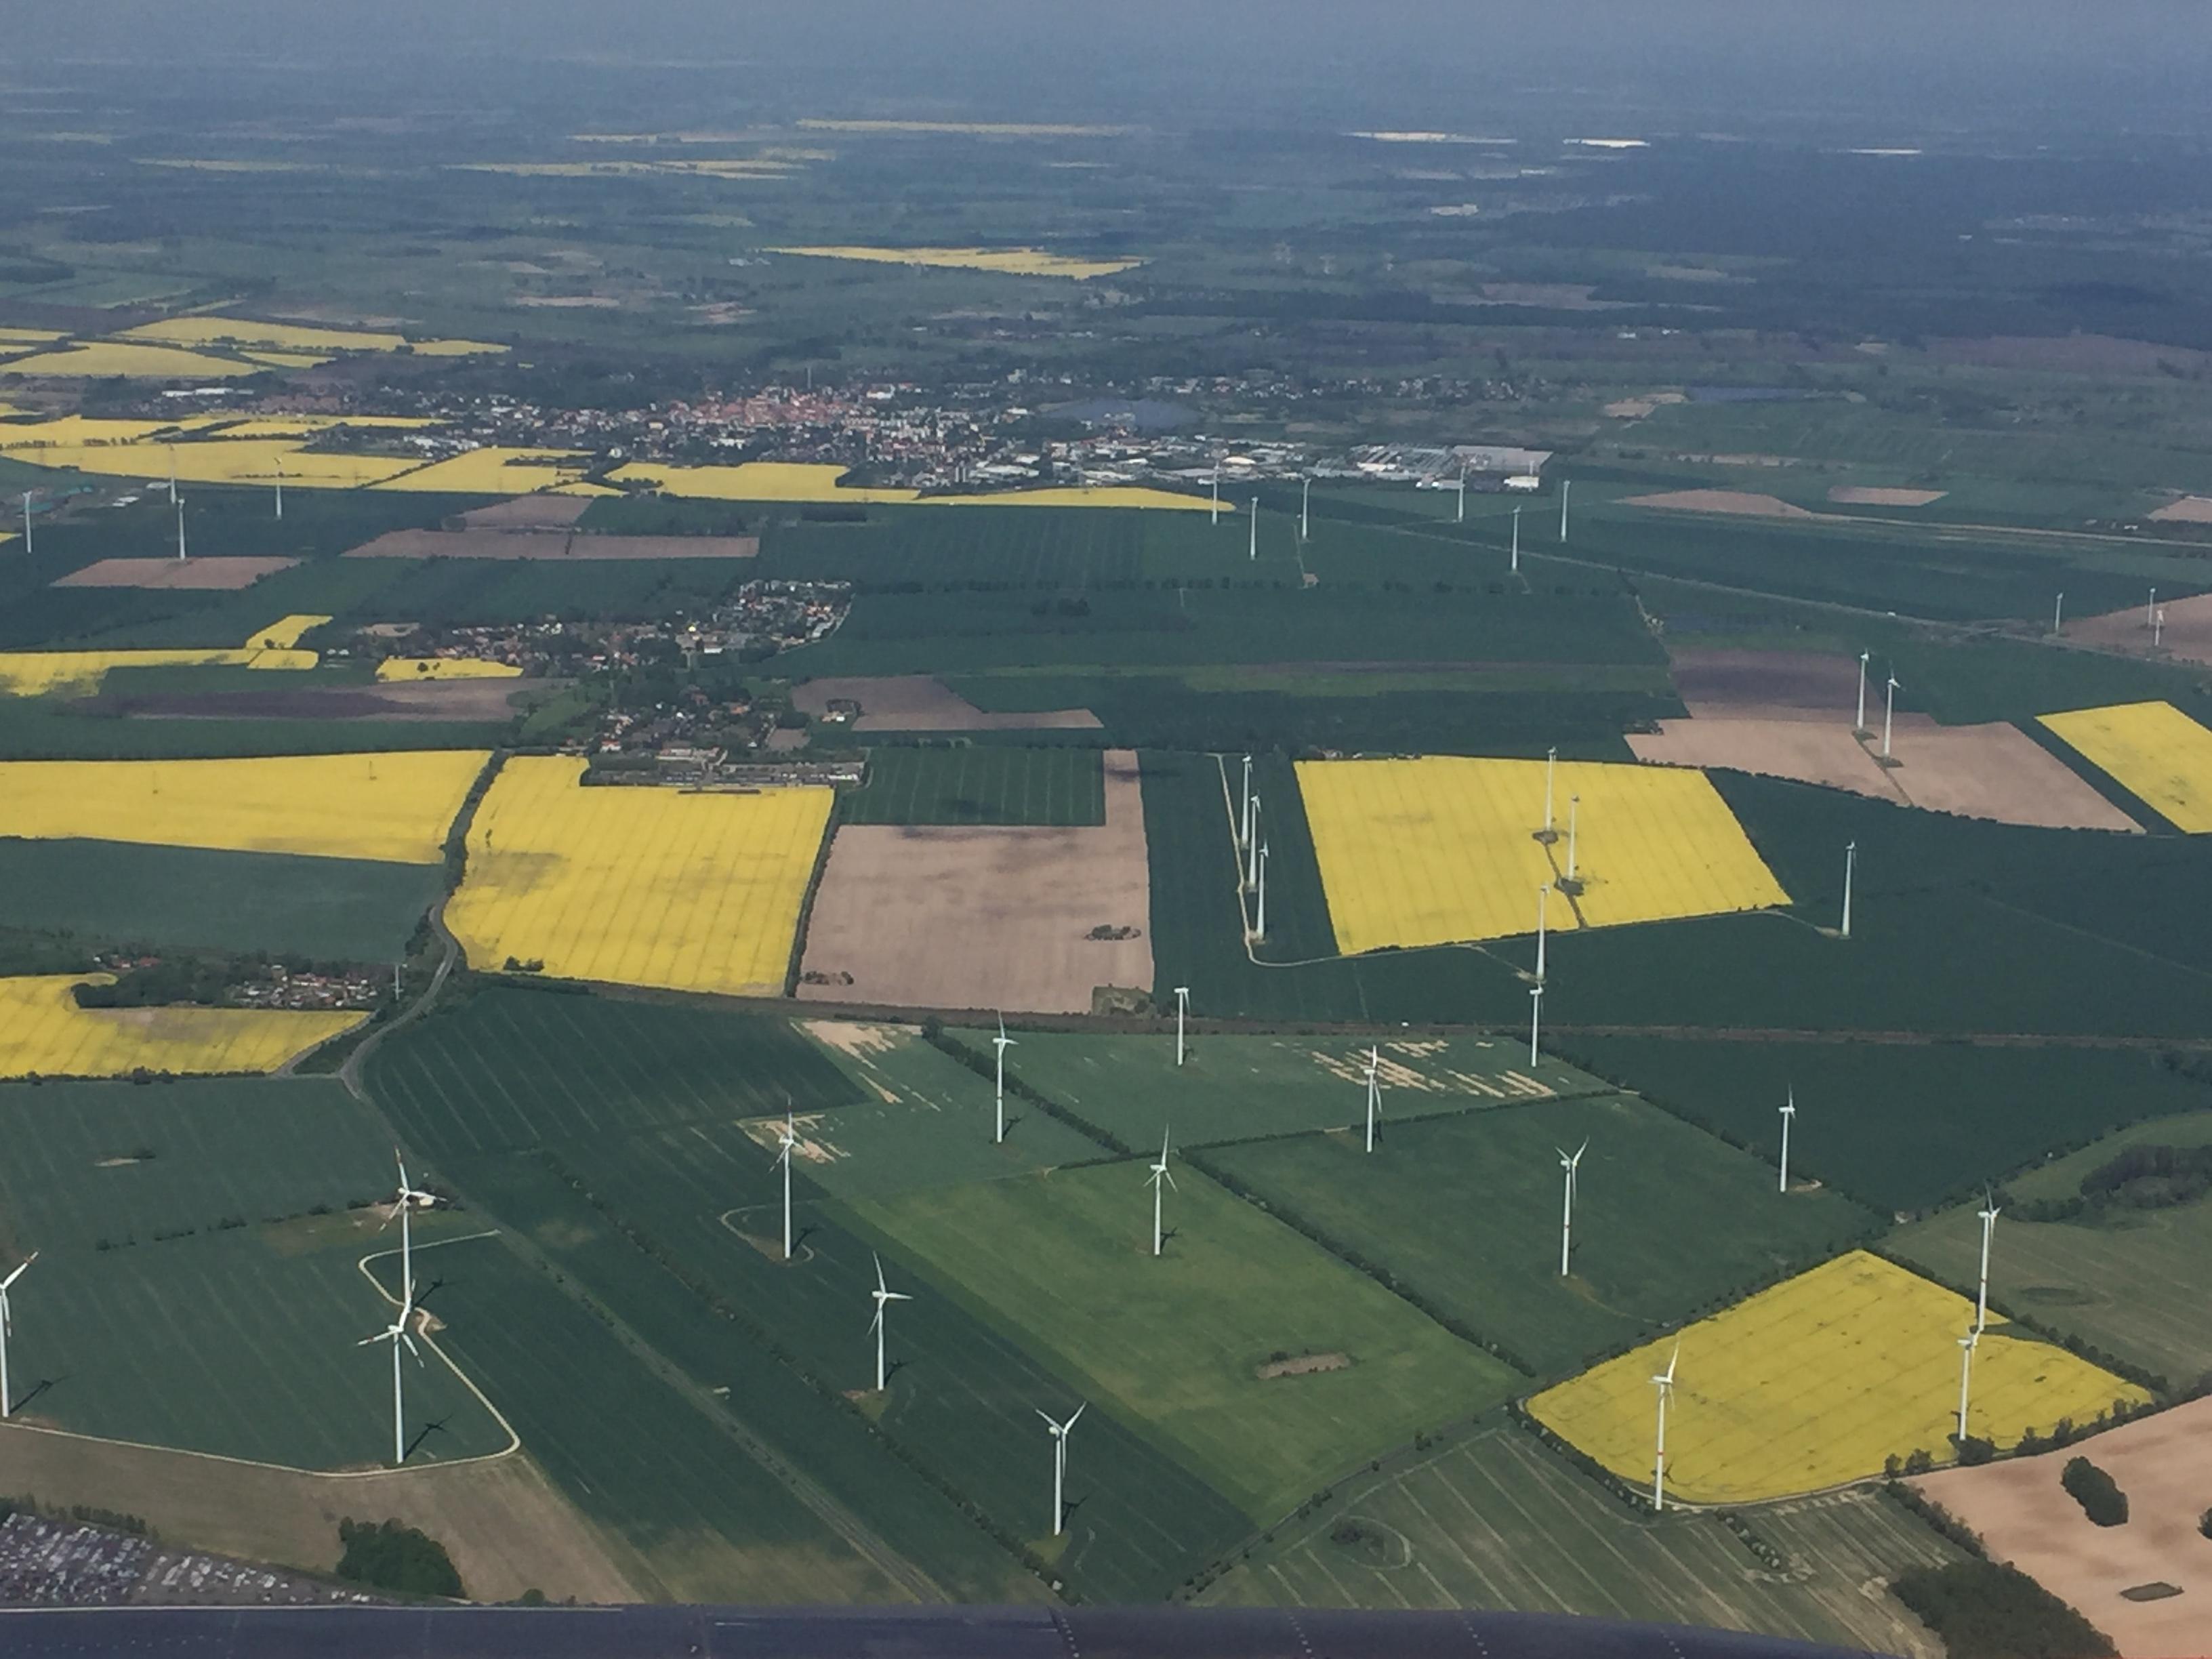 Das ABC von Energiewende und Grünsprech 6: Grünstrom - Tichys Einblick